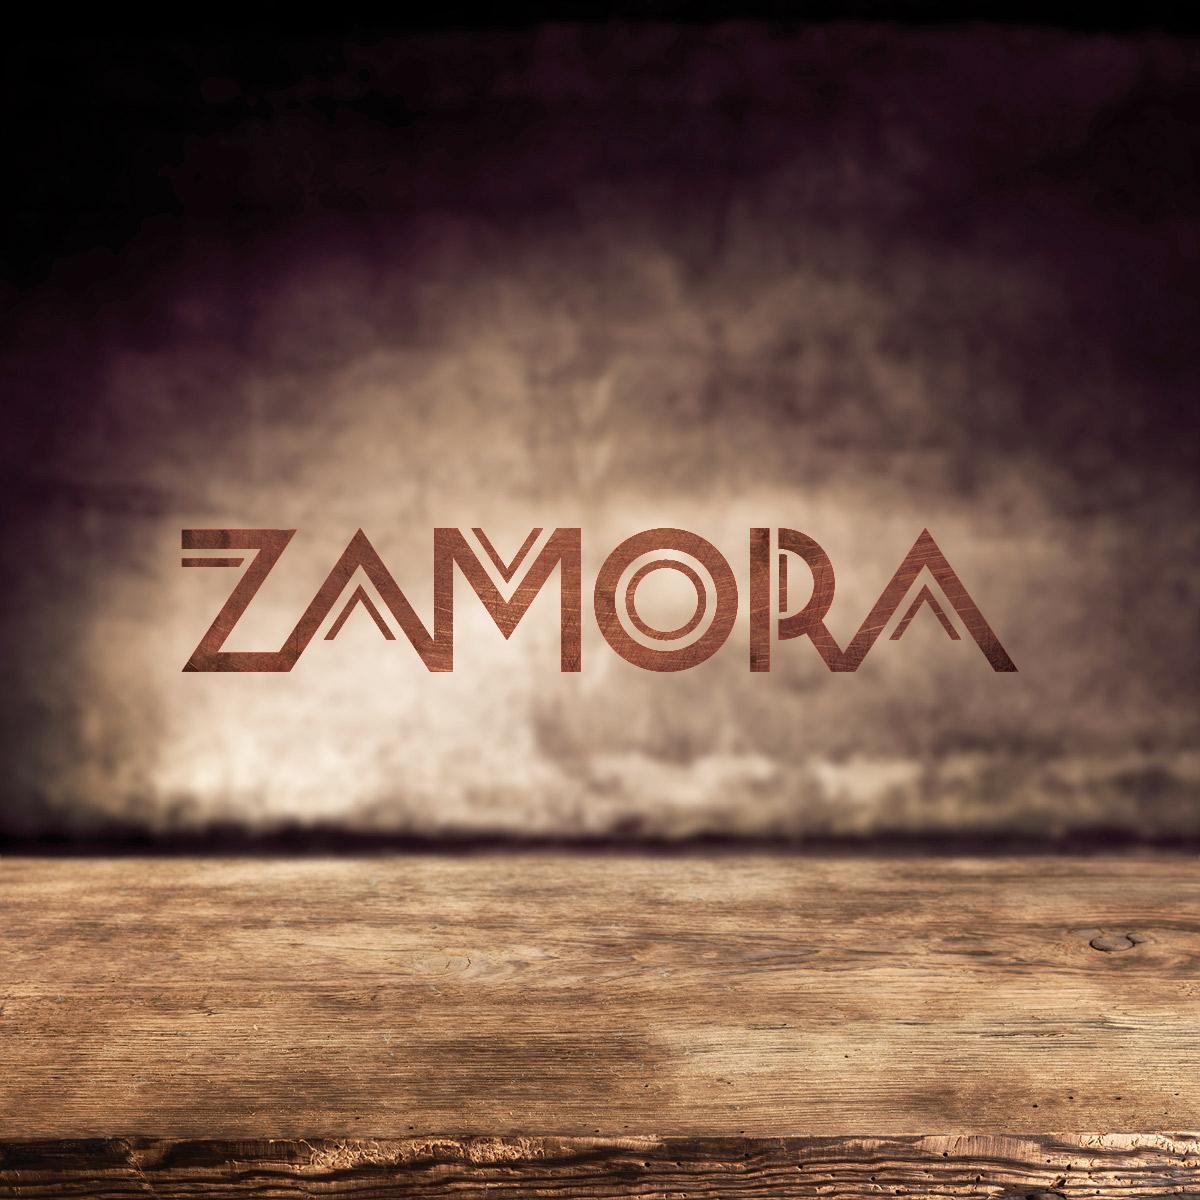 Zamora_Brand_01.jpg